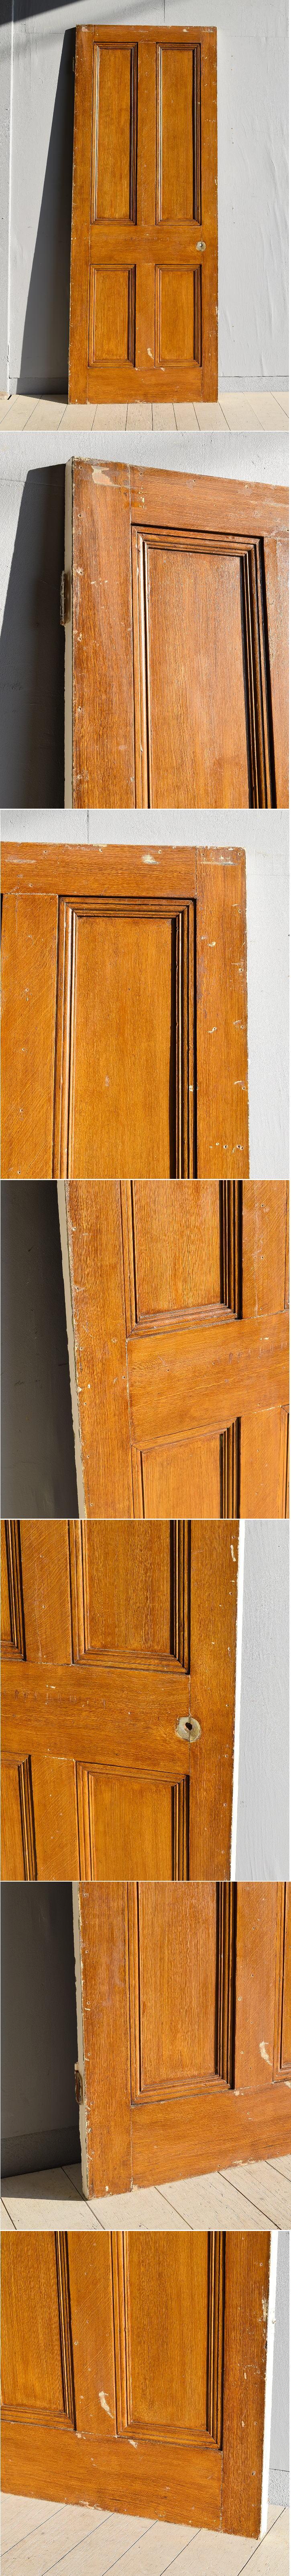 イギリス アンティーク ドア 扉 建具 7855